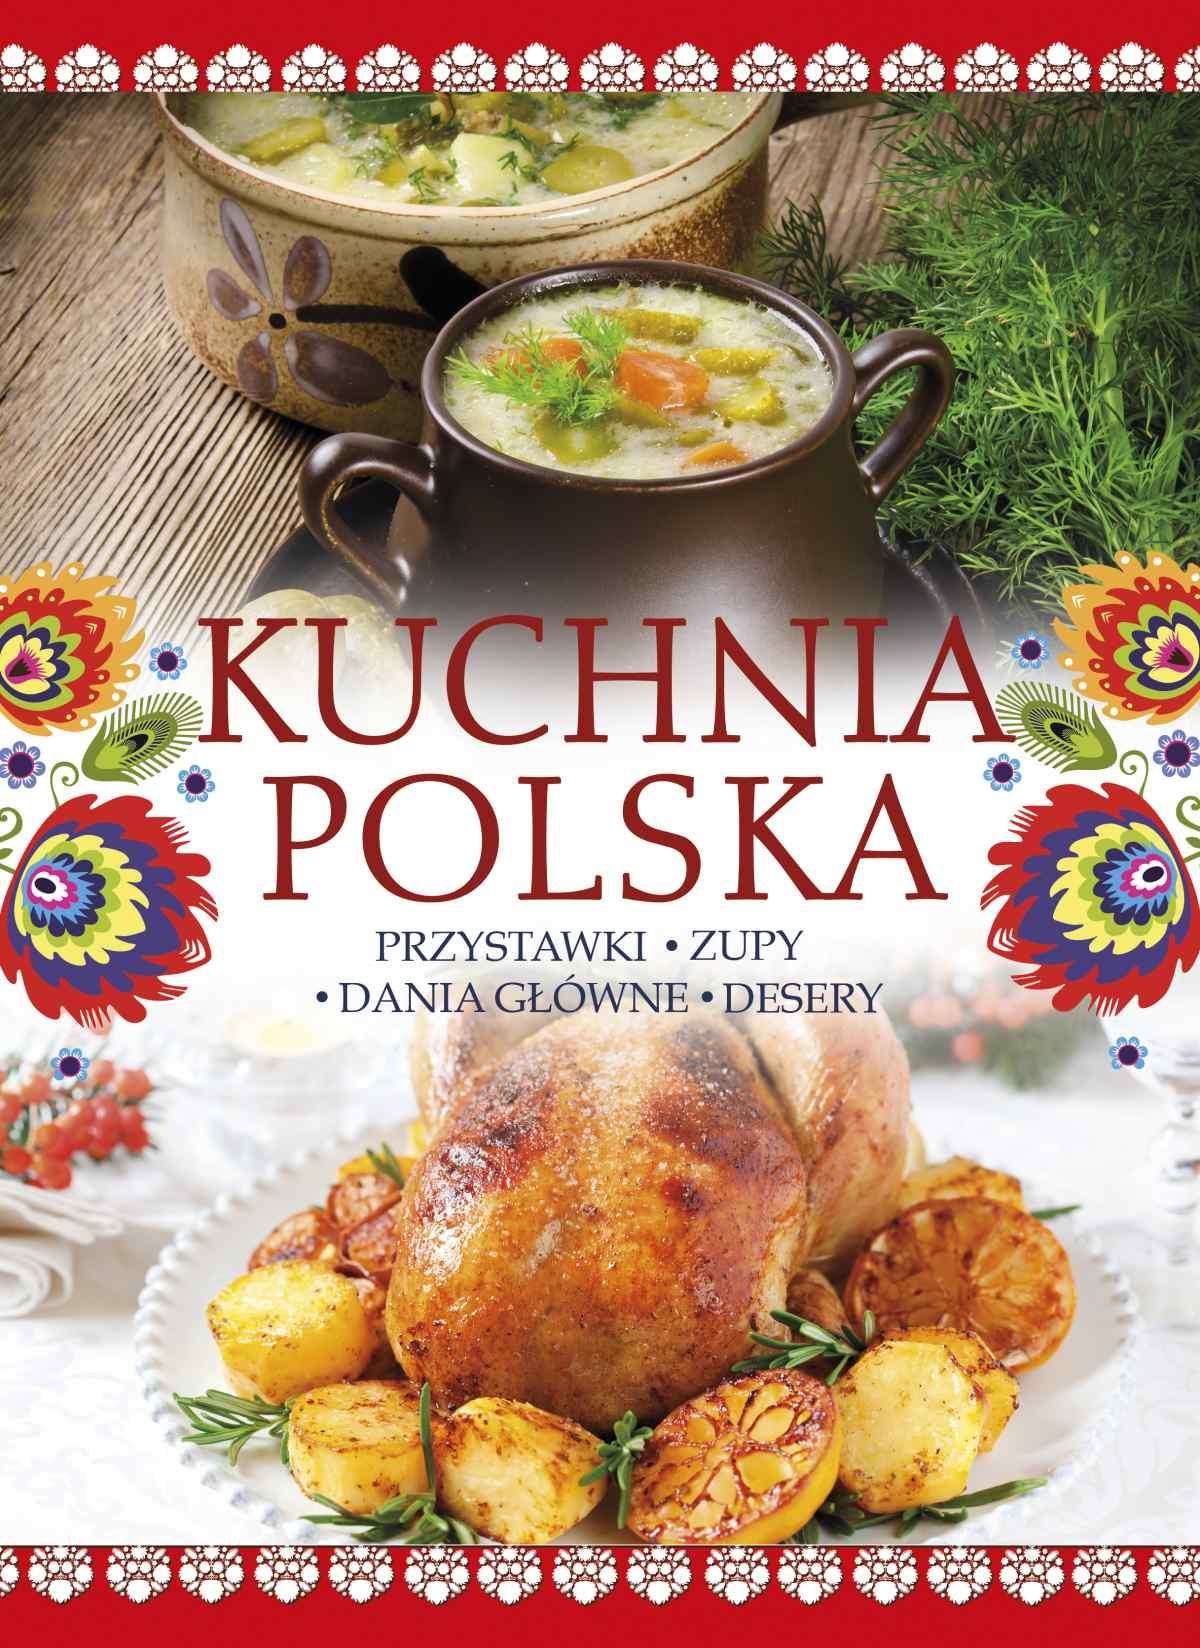 Kuchnia polska - Ebook (Książka PDF) do pobrania w formacie PDF